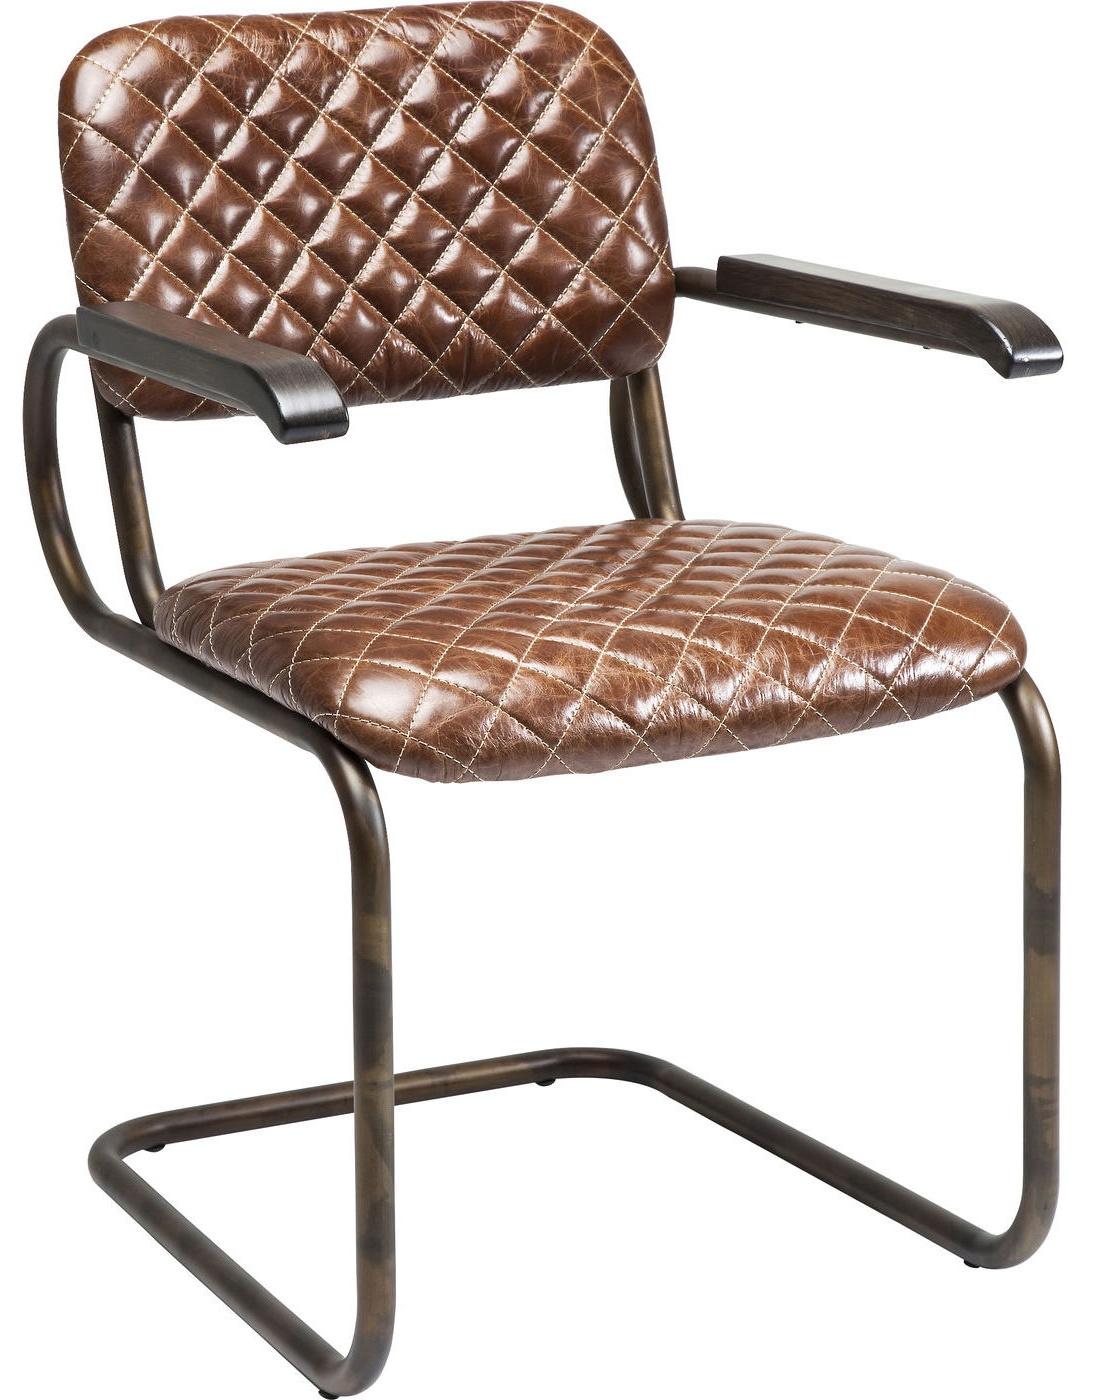 Kare design stoelen kopen online internetwinkel for Eettafel stoelen wit leer